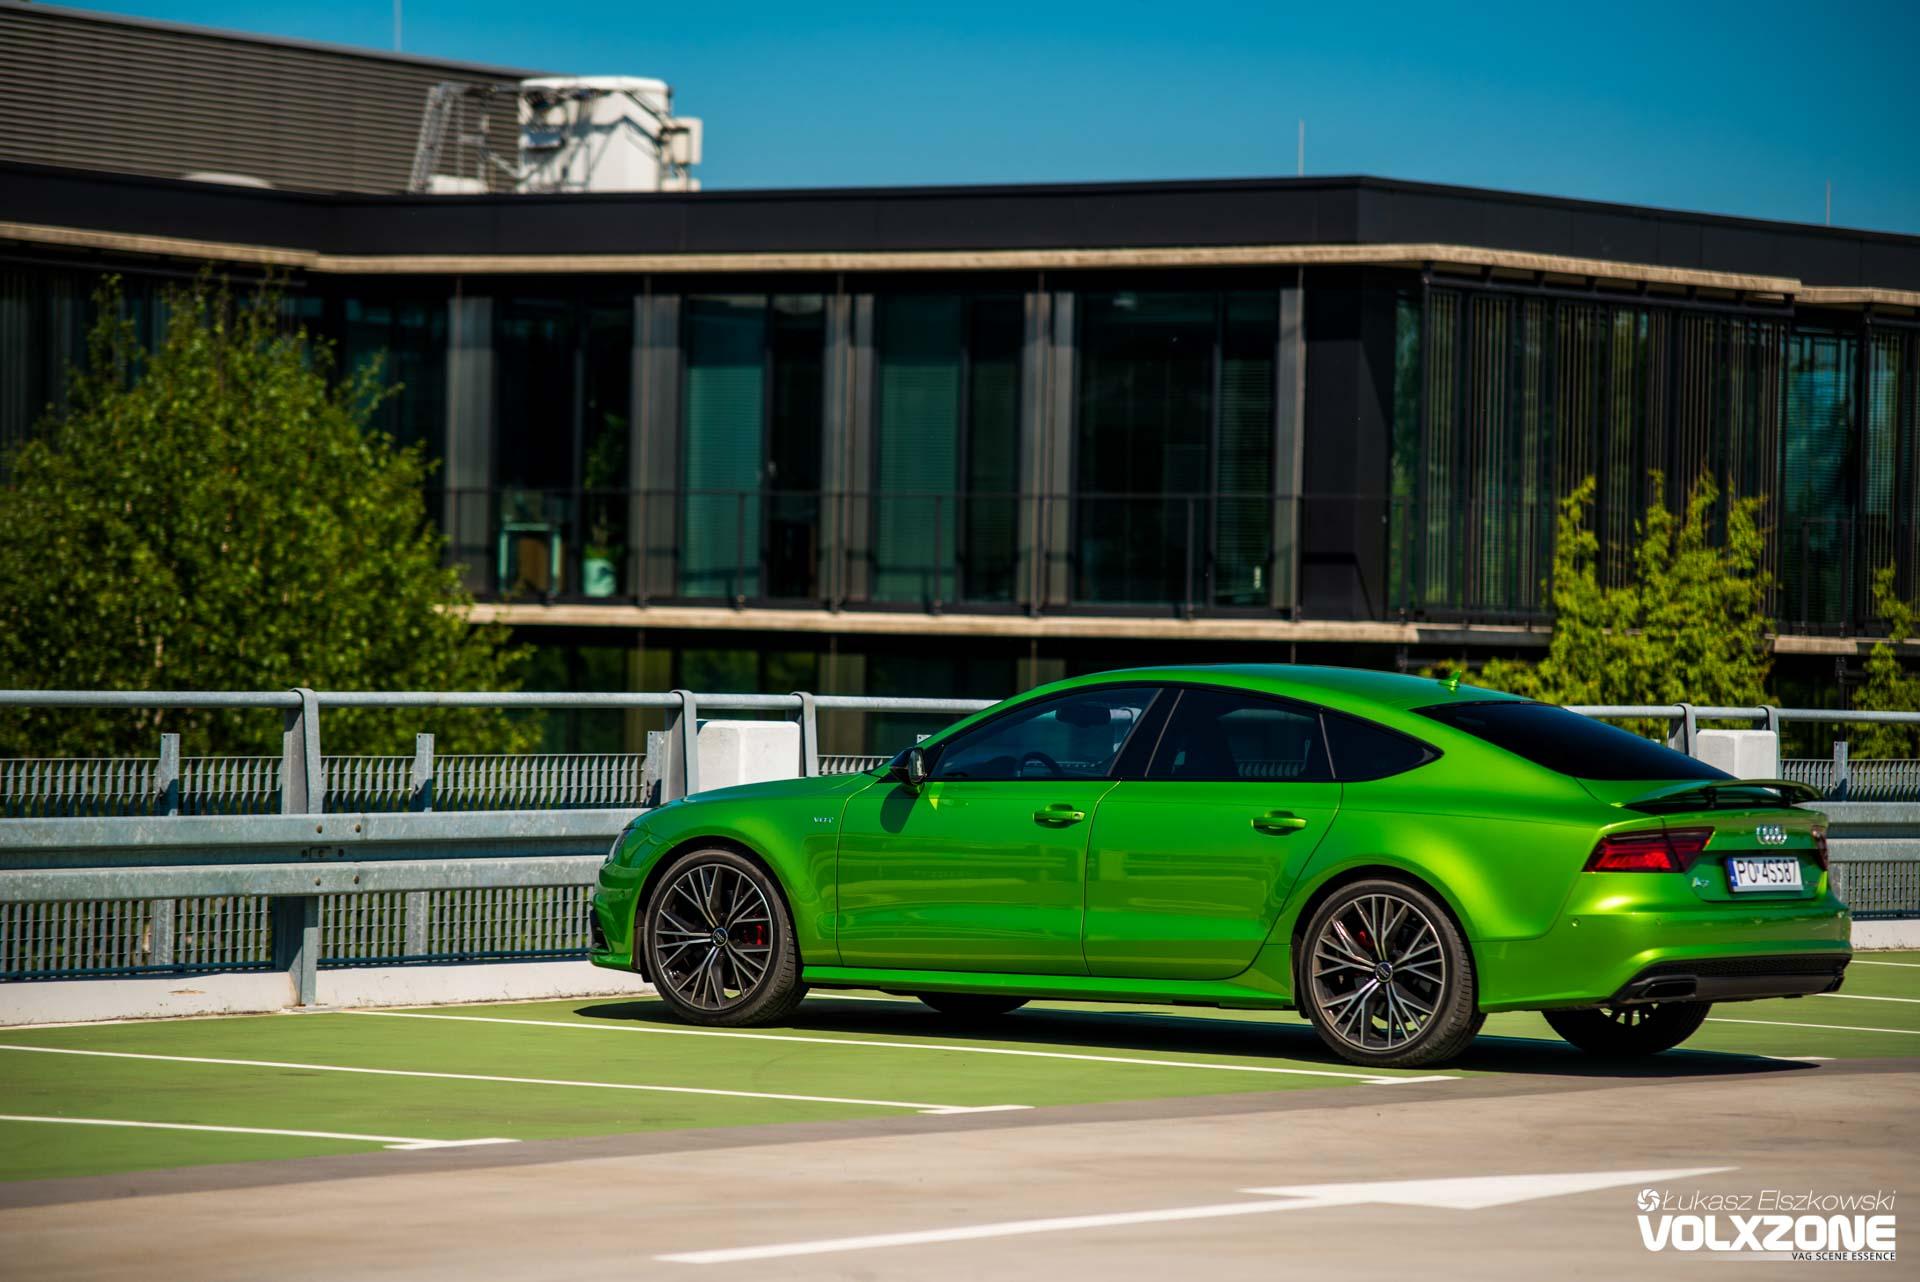 Greenlight Test Audi A7 3 0 Tdi Volxzone